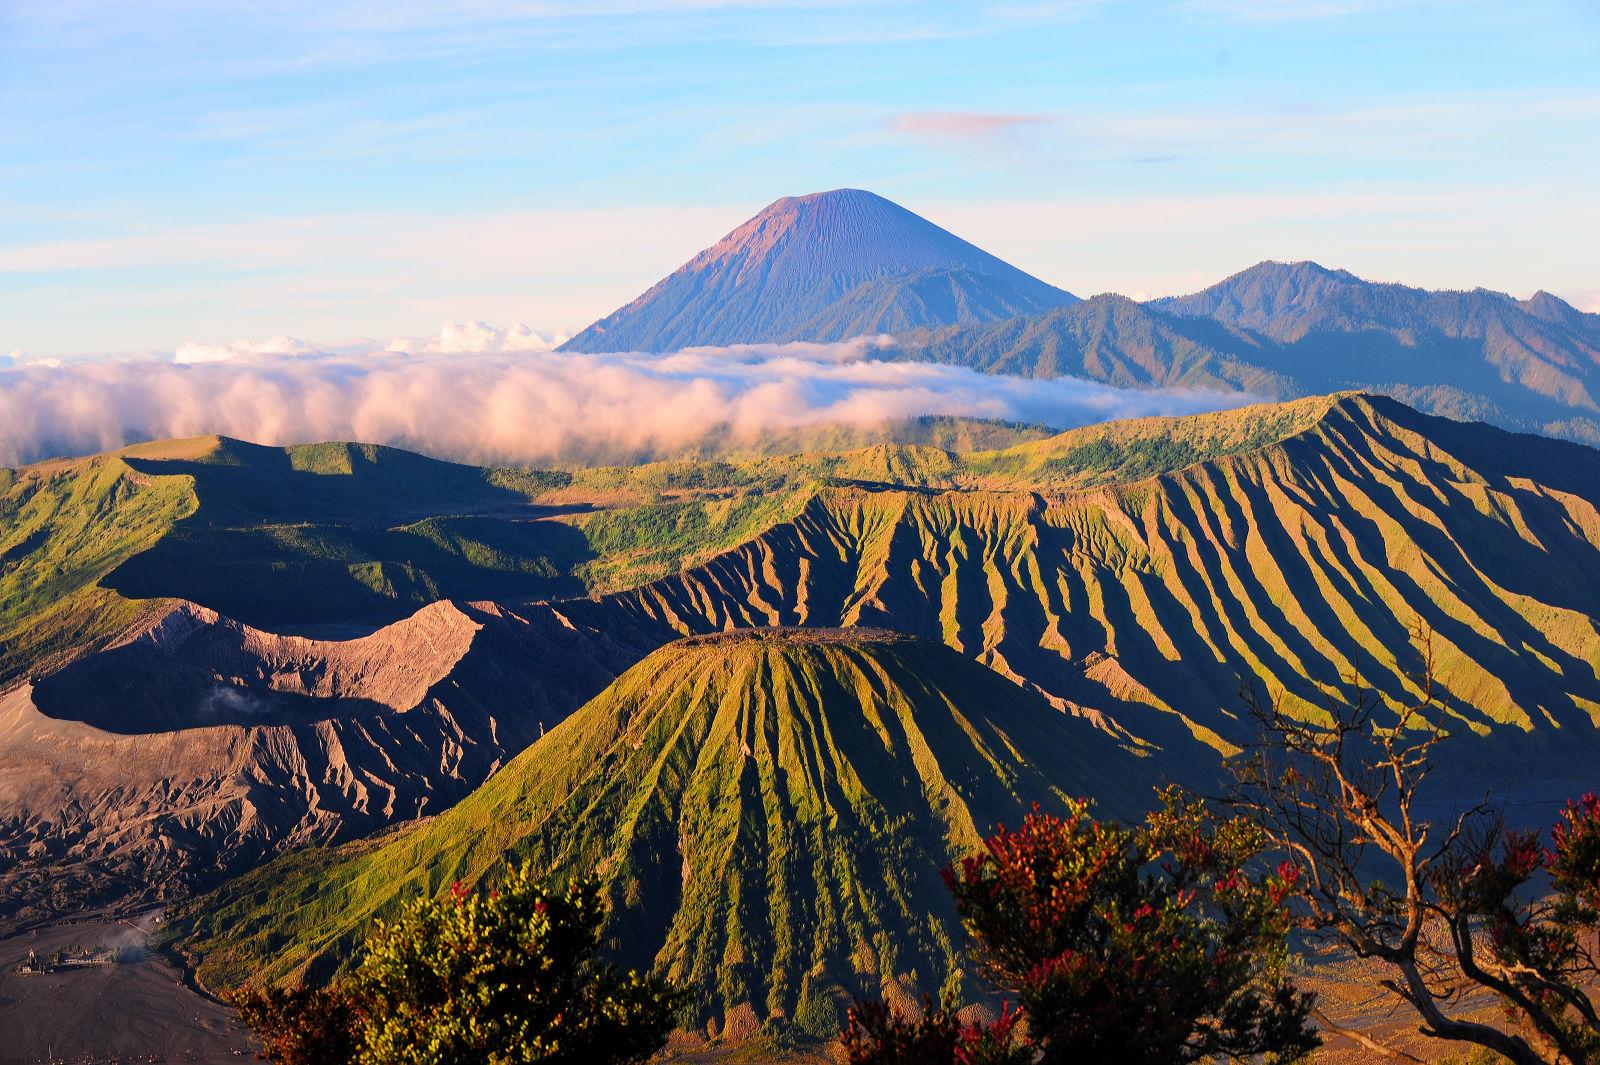 Berg Bromo in Indonesien